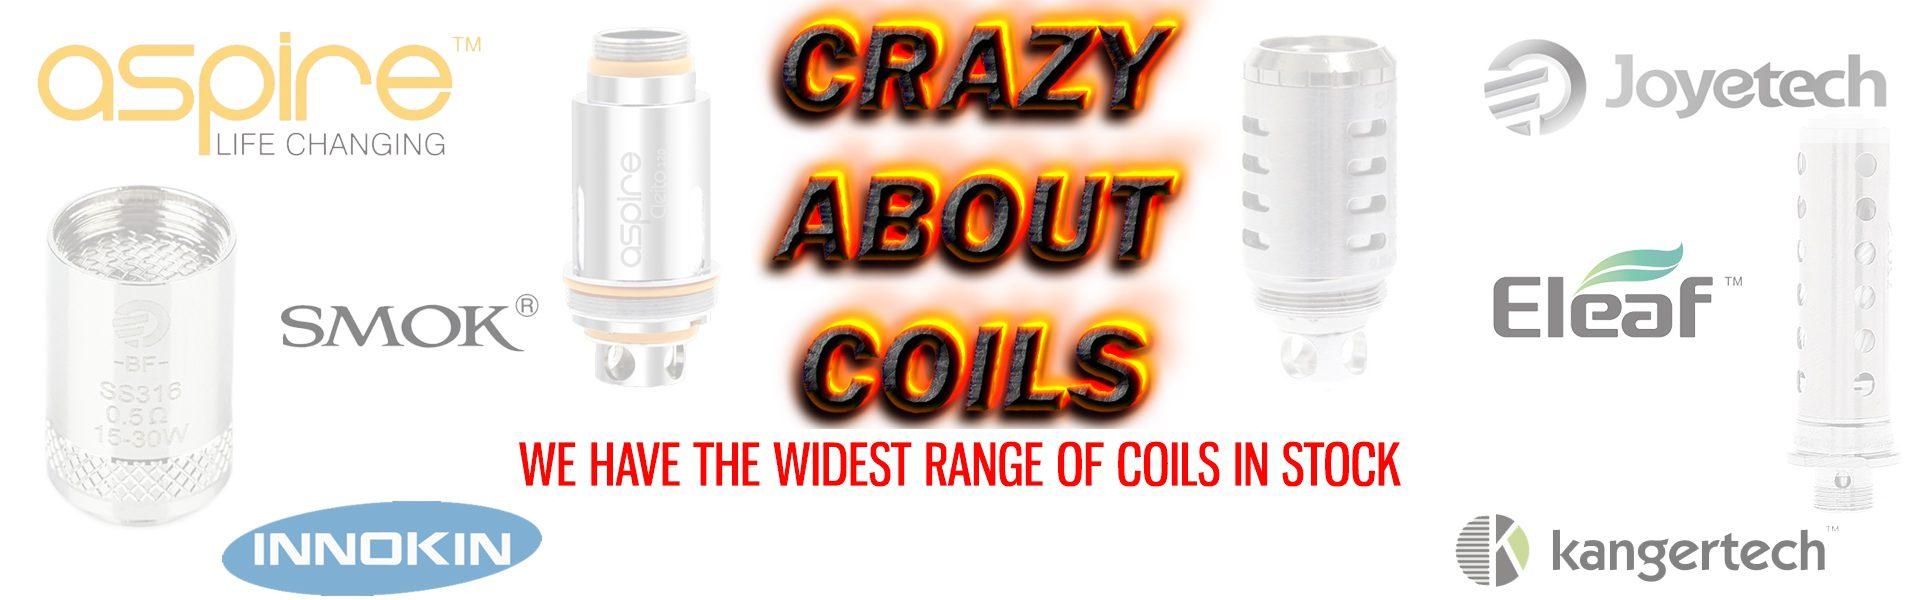 crazy-about-coils-1